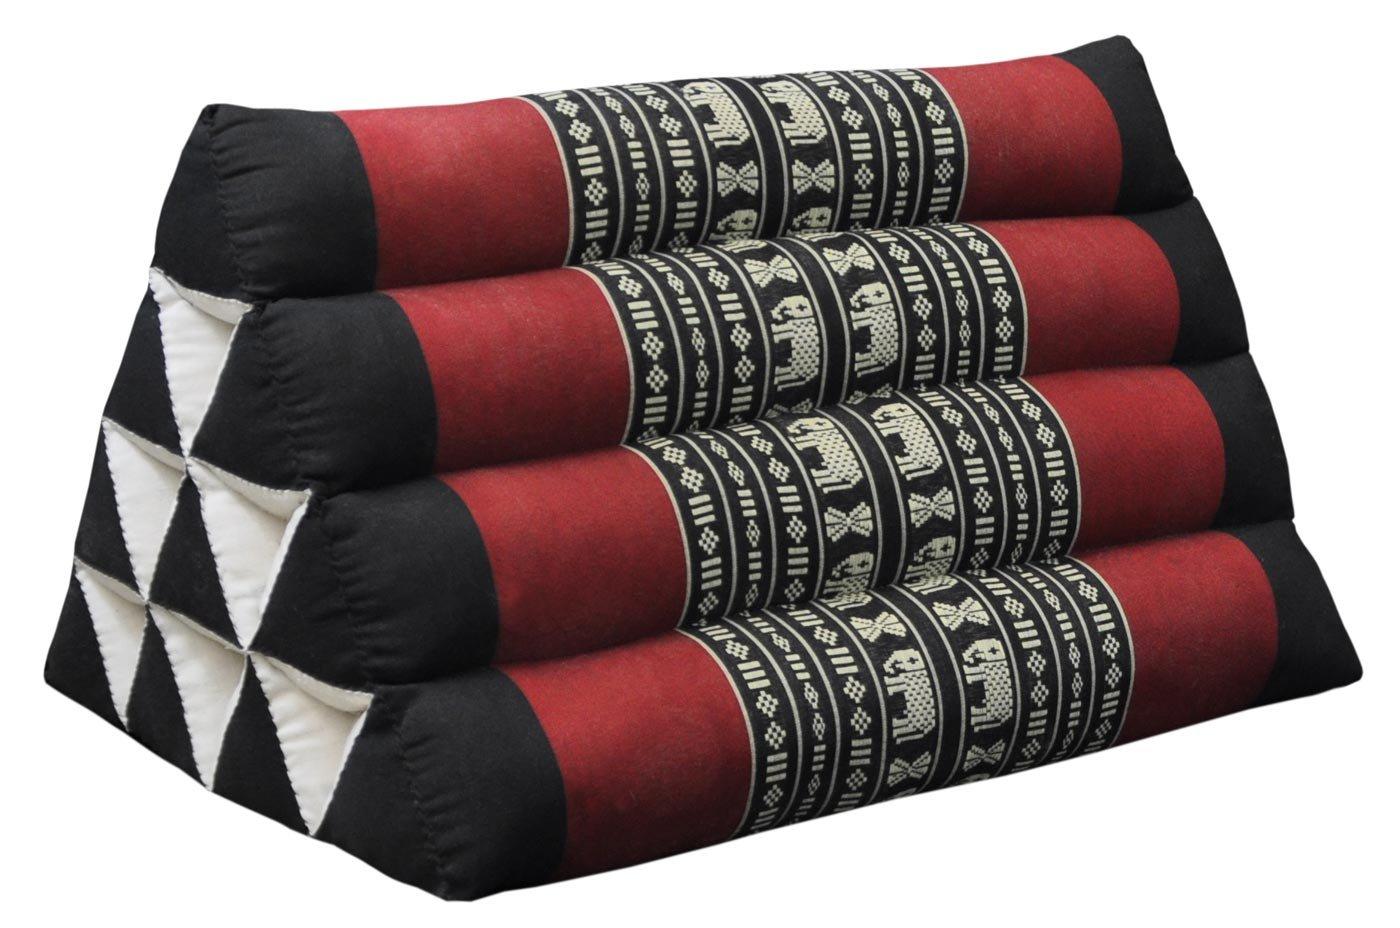 Thai triangular cushion, black/red, relaxation, beach, kapok, made in Thailand. (81600) by Wilai GmbH